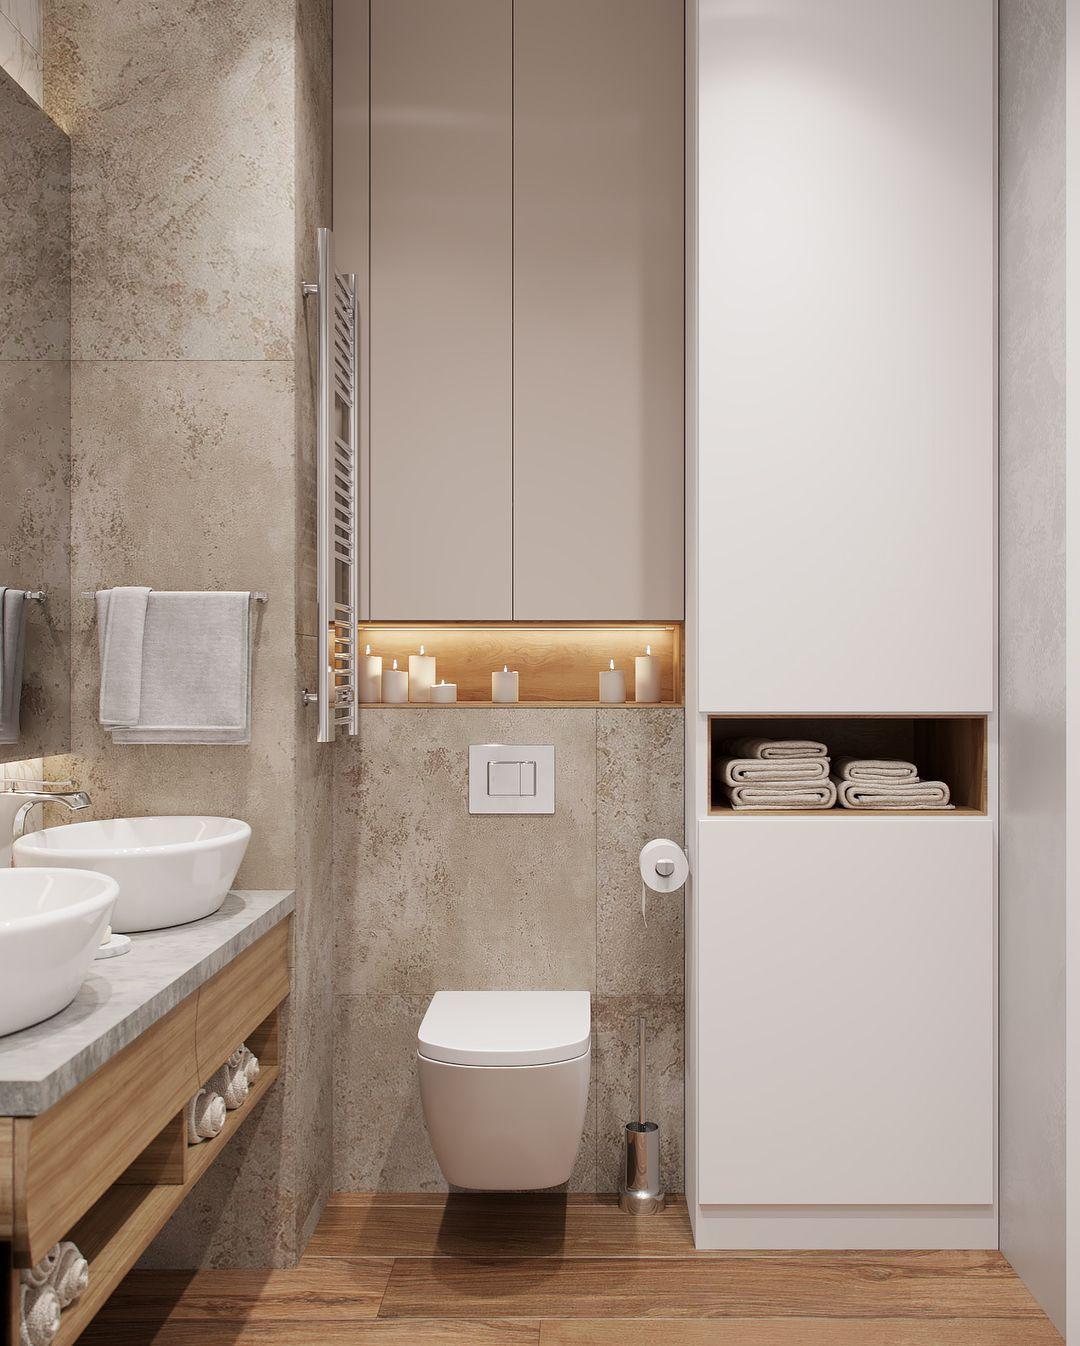 Badezimmer ideen bilder kleines aber helles badezimmer mit holzboden zwei waschbecken und